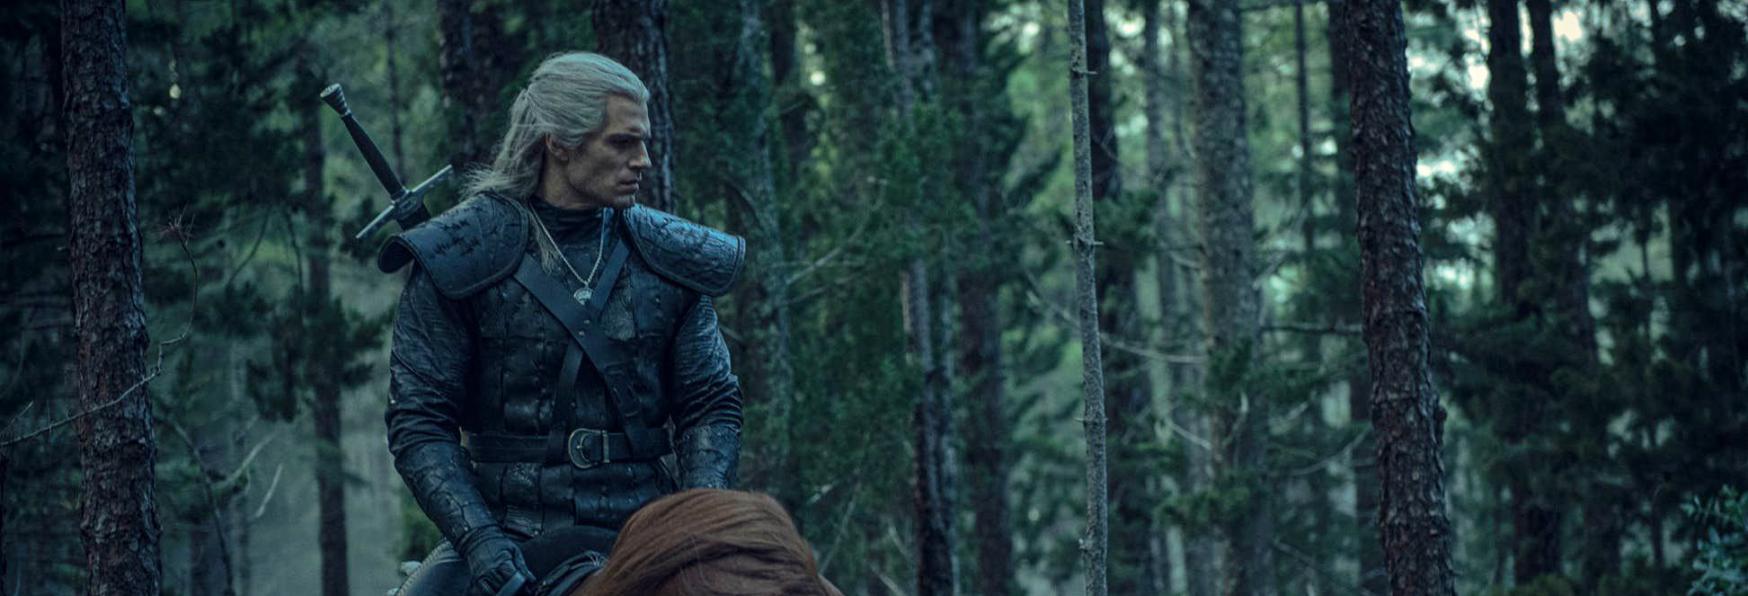 Henry Cavill (The Witcher) spiega come si è Preparato a Recitare nella Serie TV Netflix